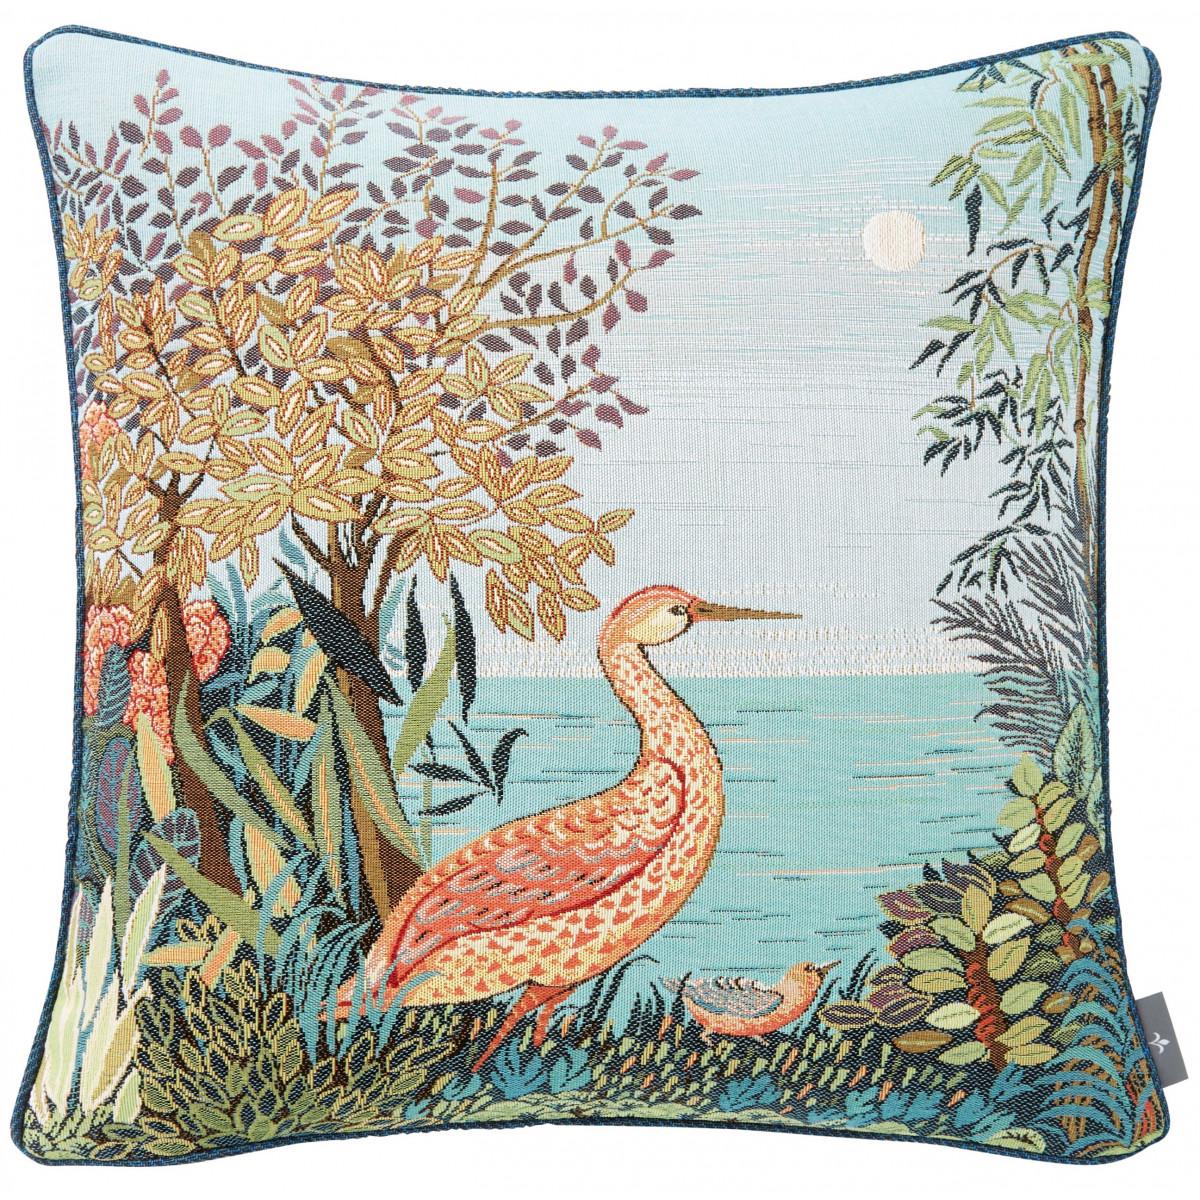 Coussin tapisserie heron en forêt made in france bleu   50x50